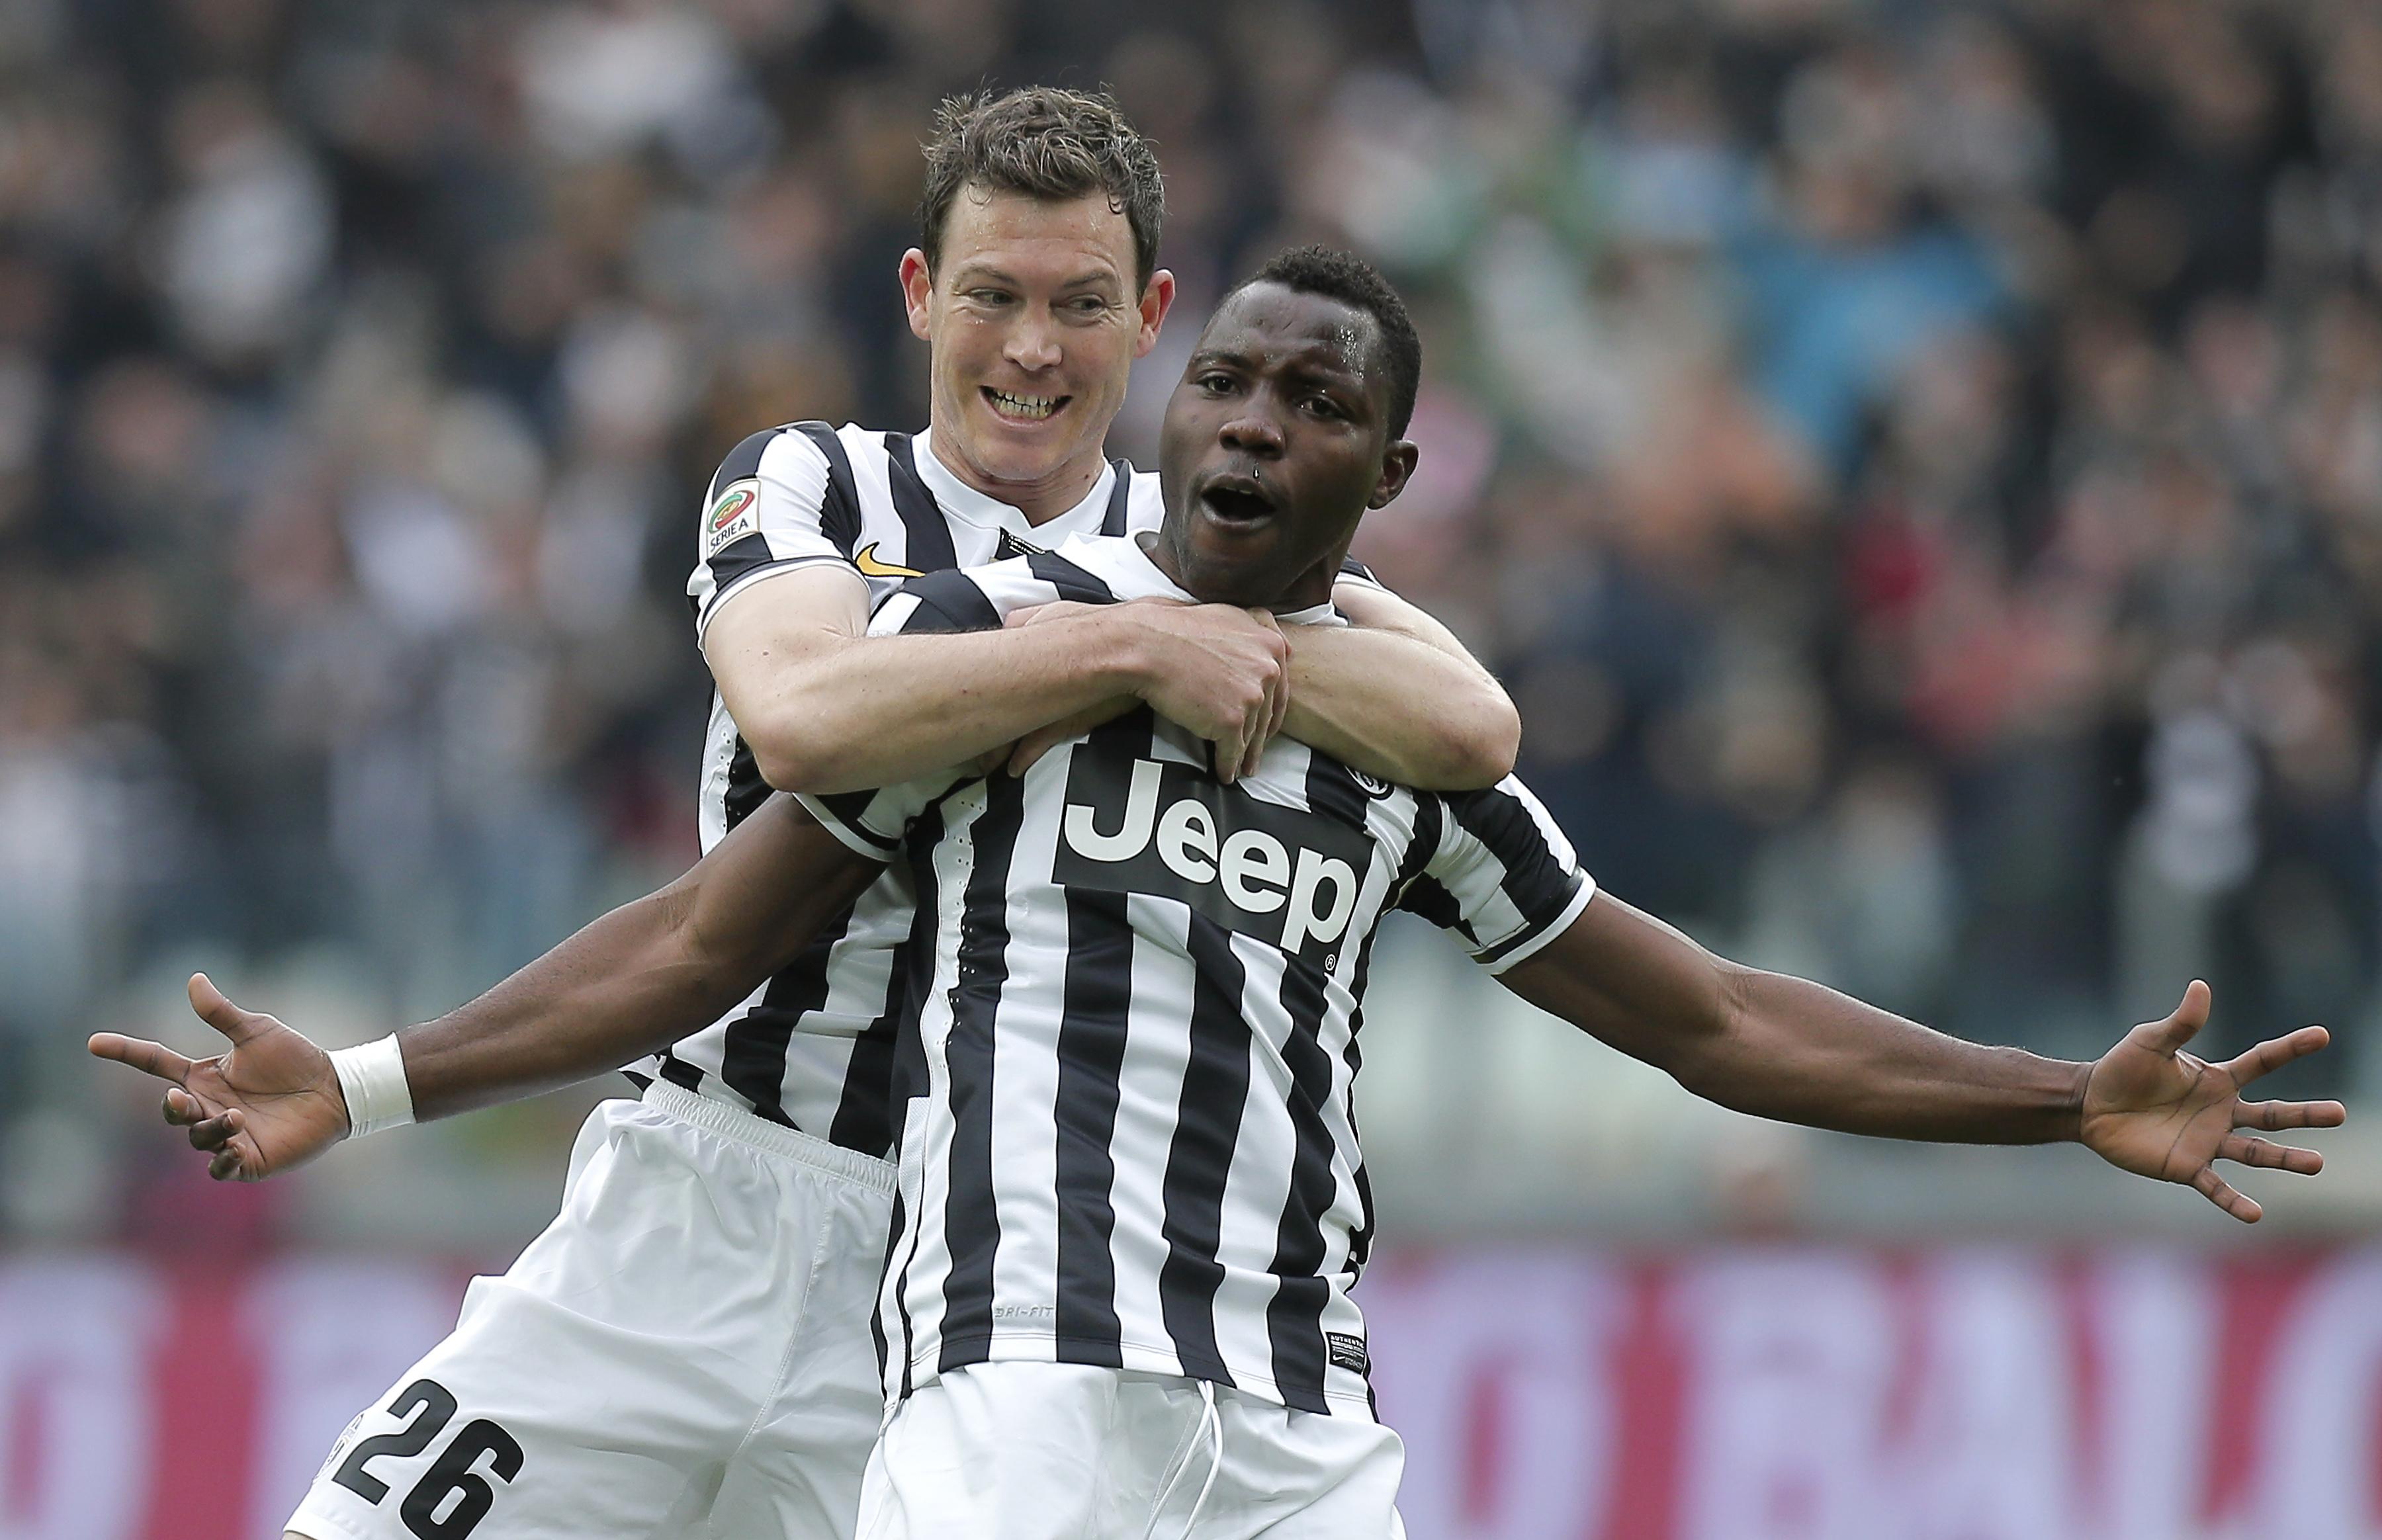 Juventus star Kwadwo Asamoah celebrates